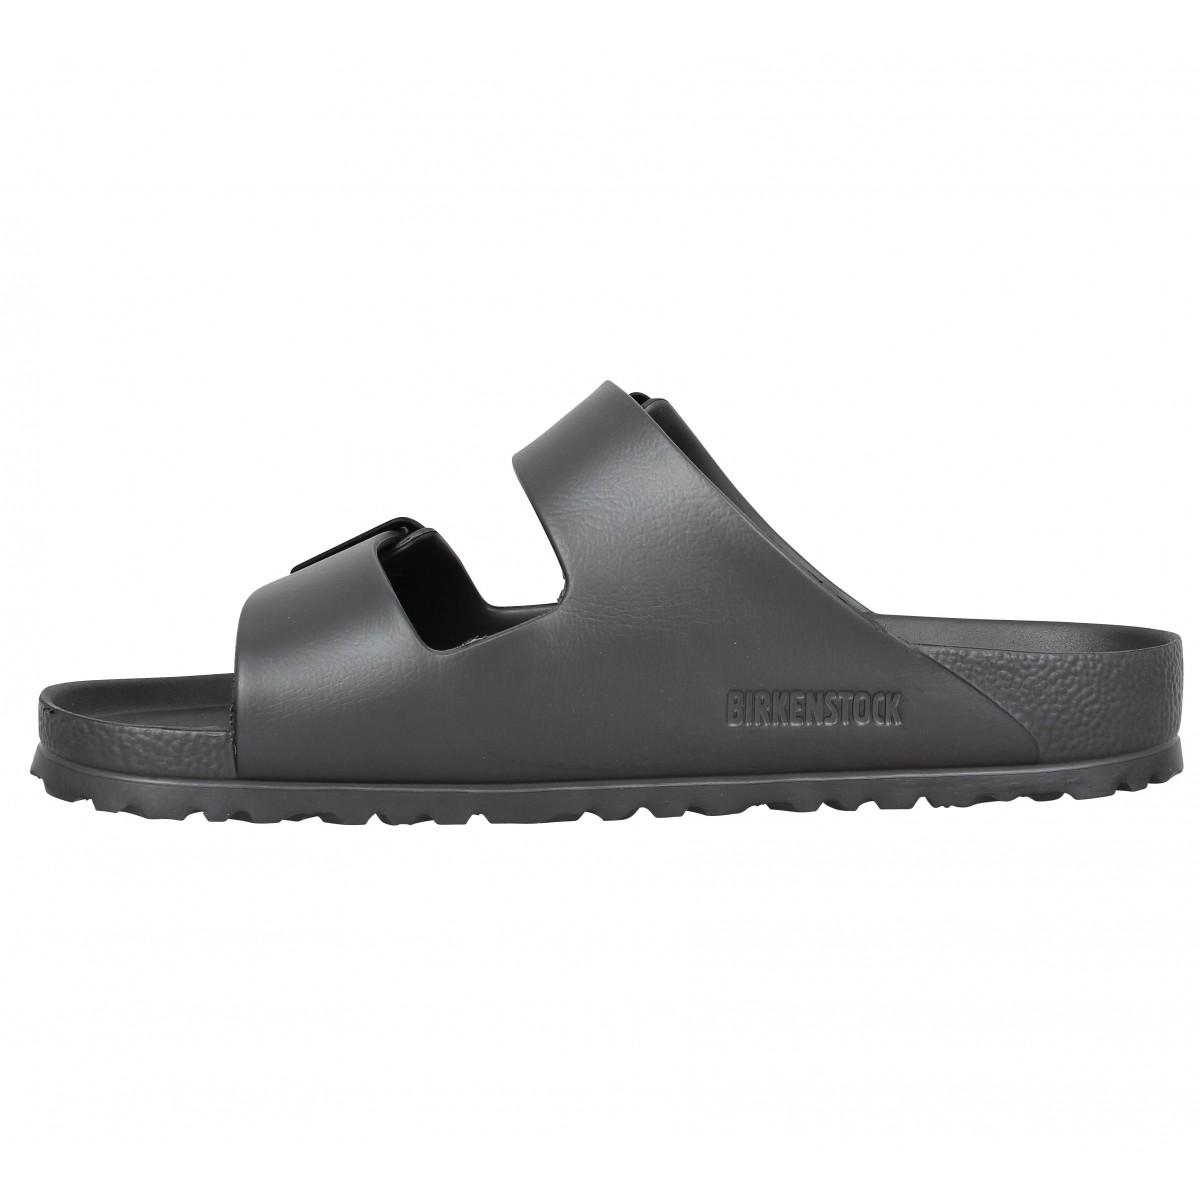 soldes birkenstock arizona eva homme anthracite homme fanny chaussures. Black Bedroom Furniture Sets. Home Design Ideas